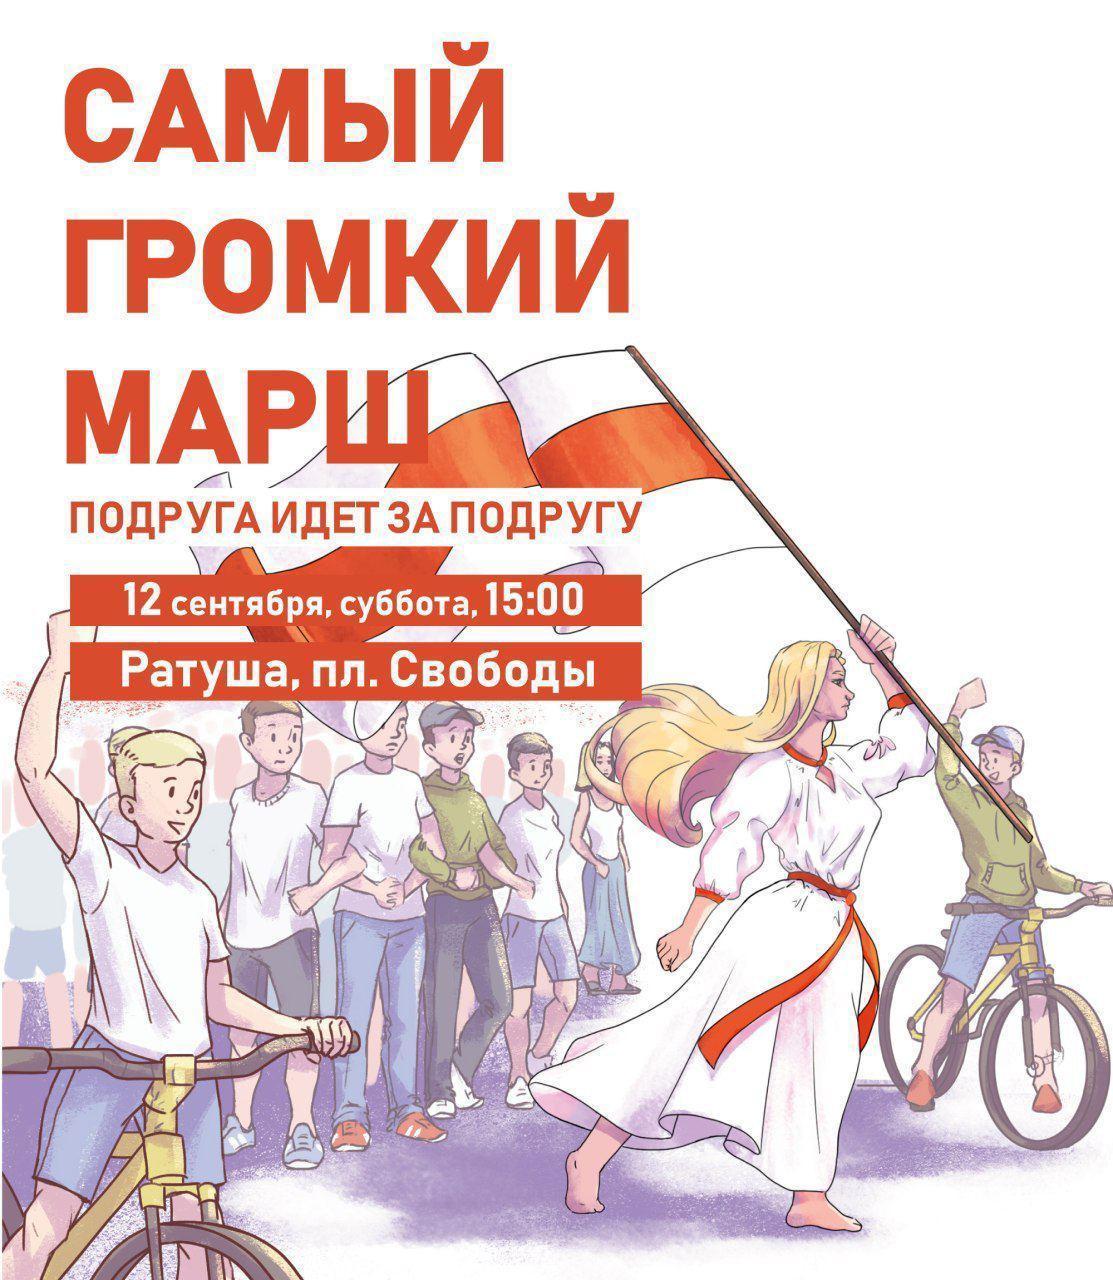 Білорусок сьогодні закликають на